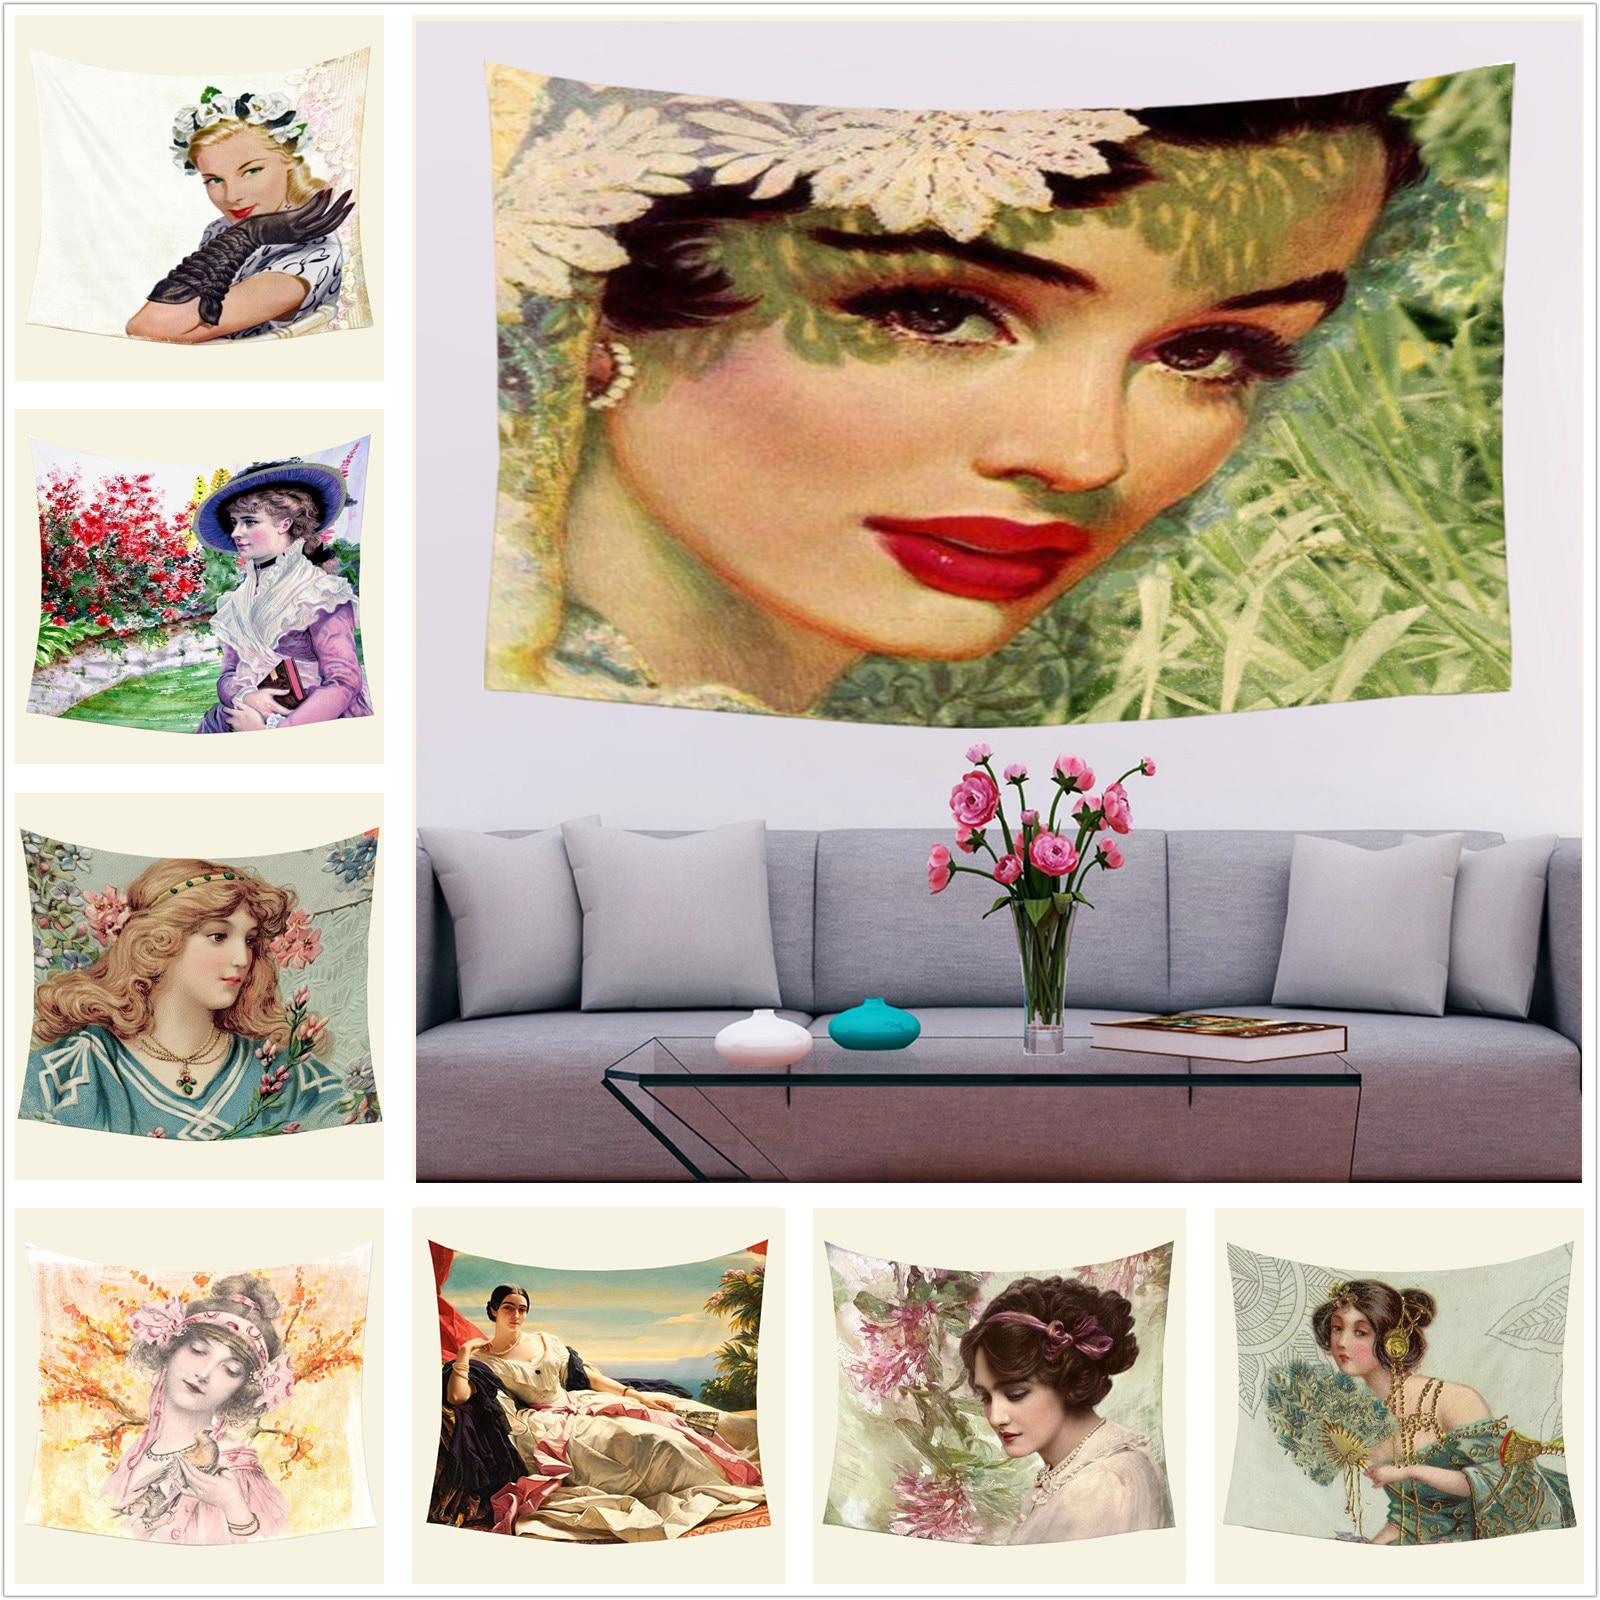 Винтажный Ретро женский гобелен с рисунком масляной живописи, Настенный Коврик для йоги, пляжный коврик, покрывало для дома, чехлы